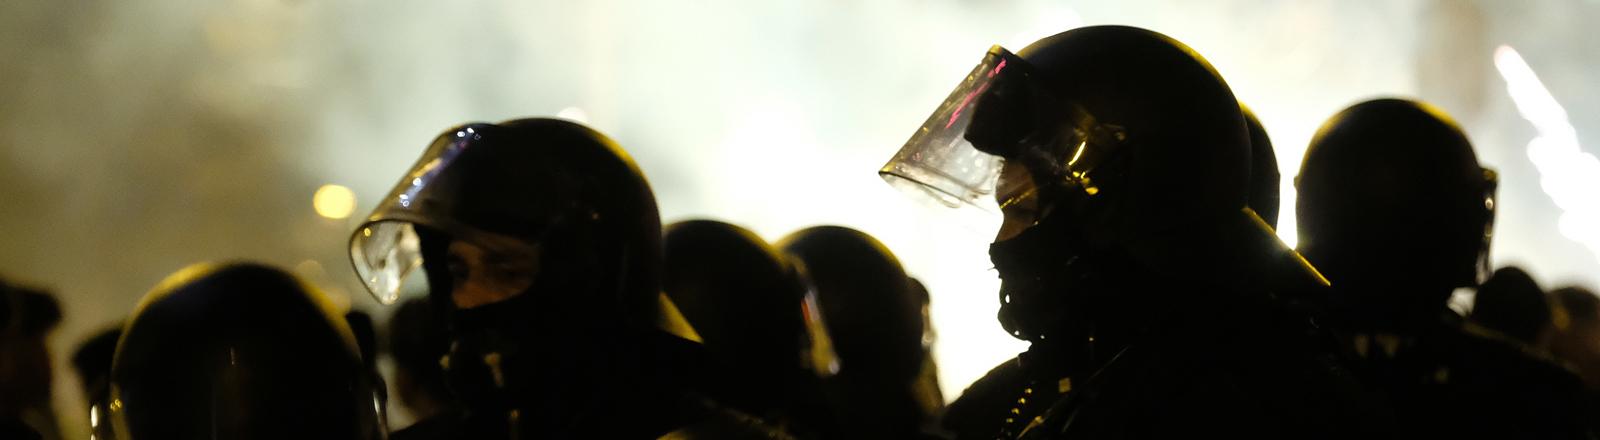 Polizisten mit Helm